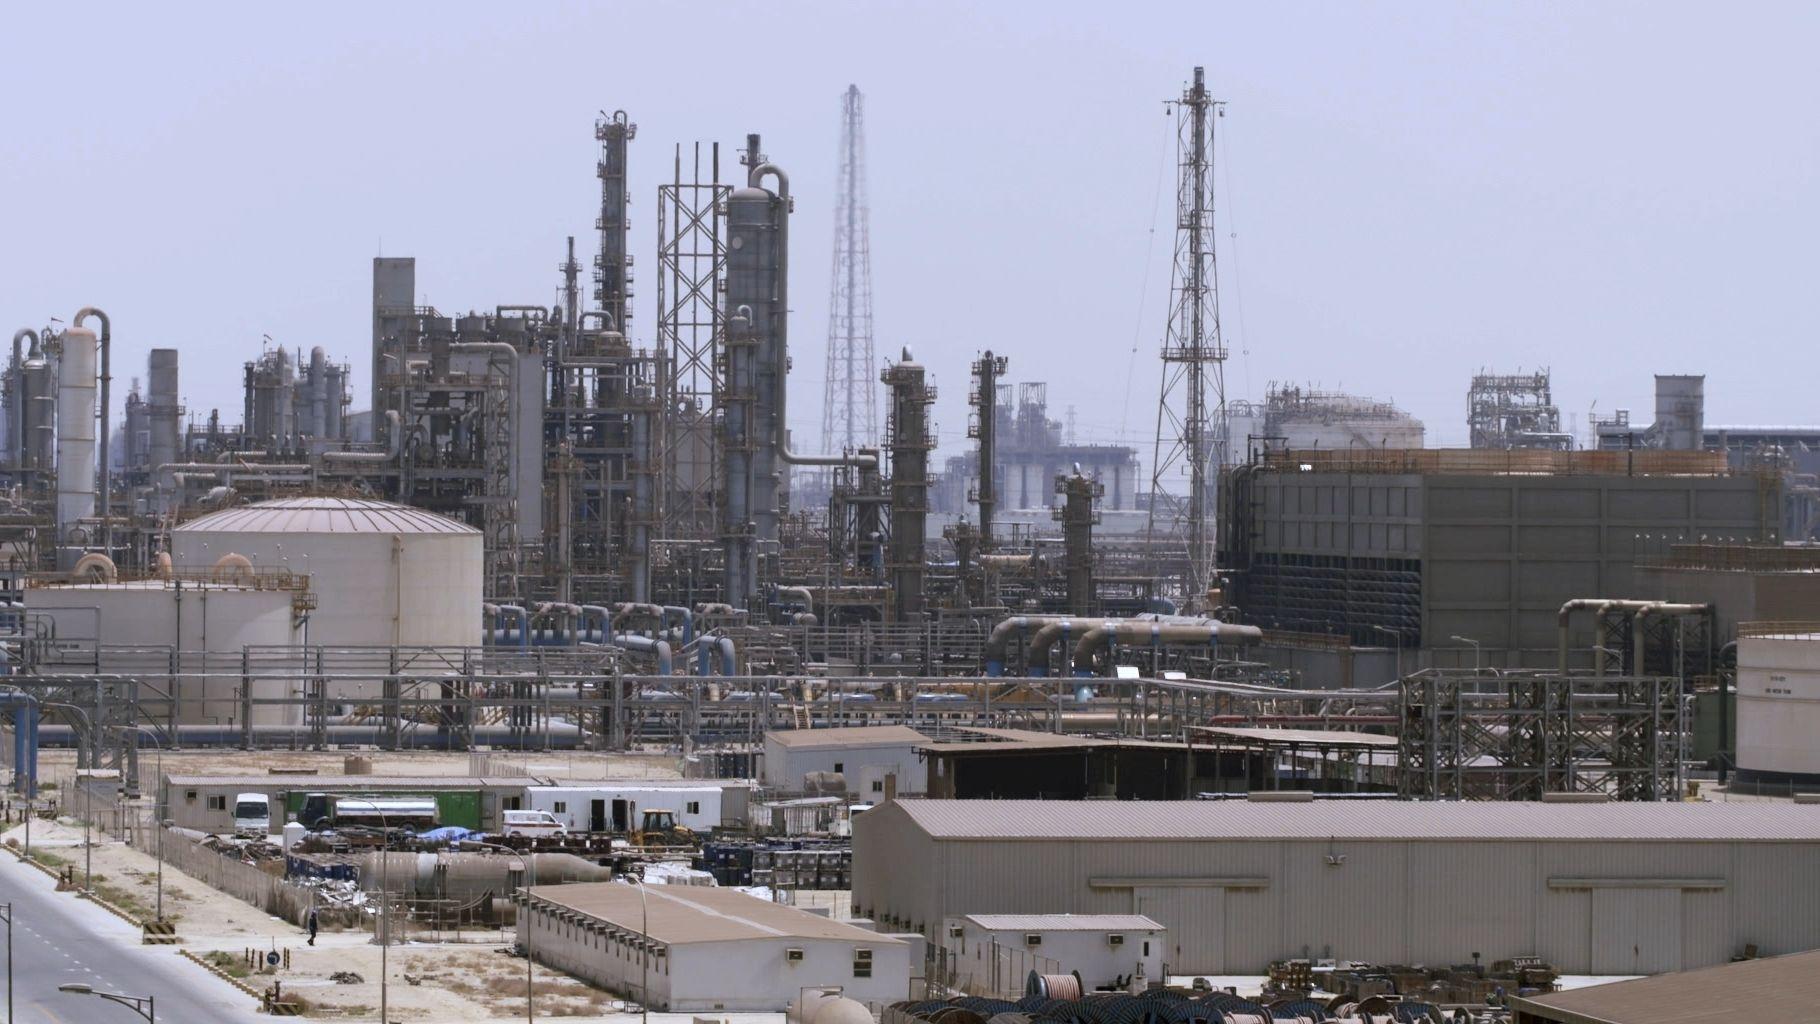 Ölraffinerie in Saudi-Arabien